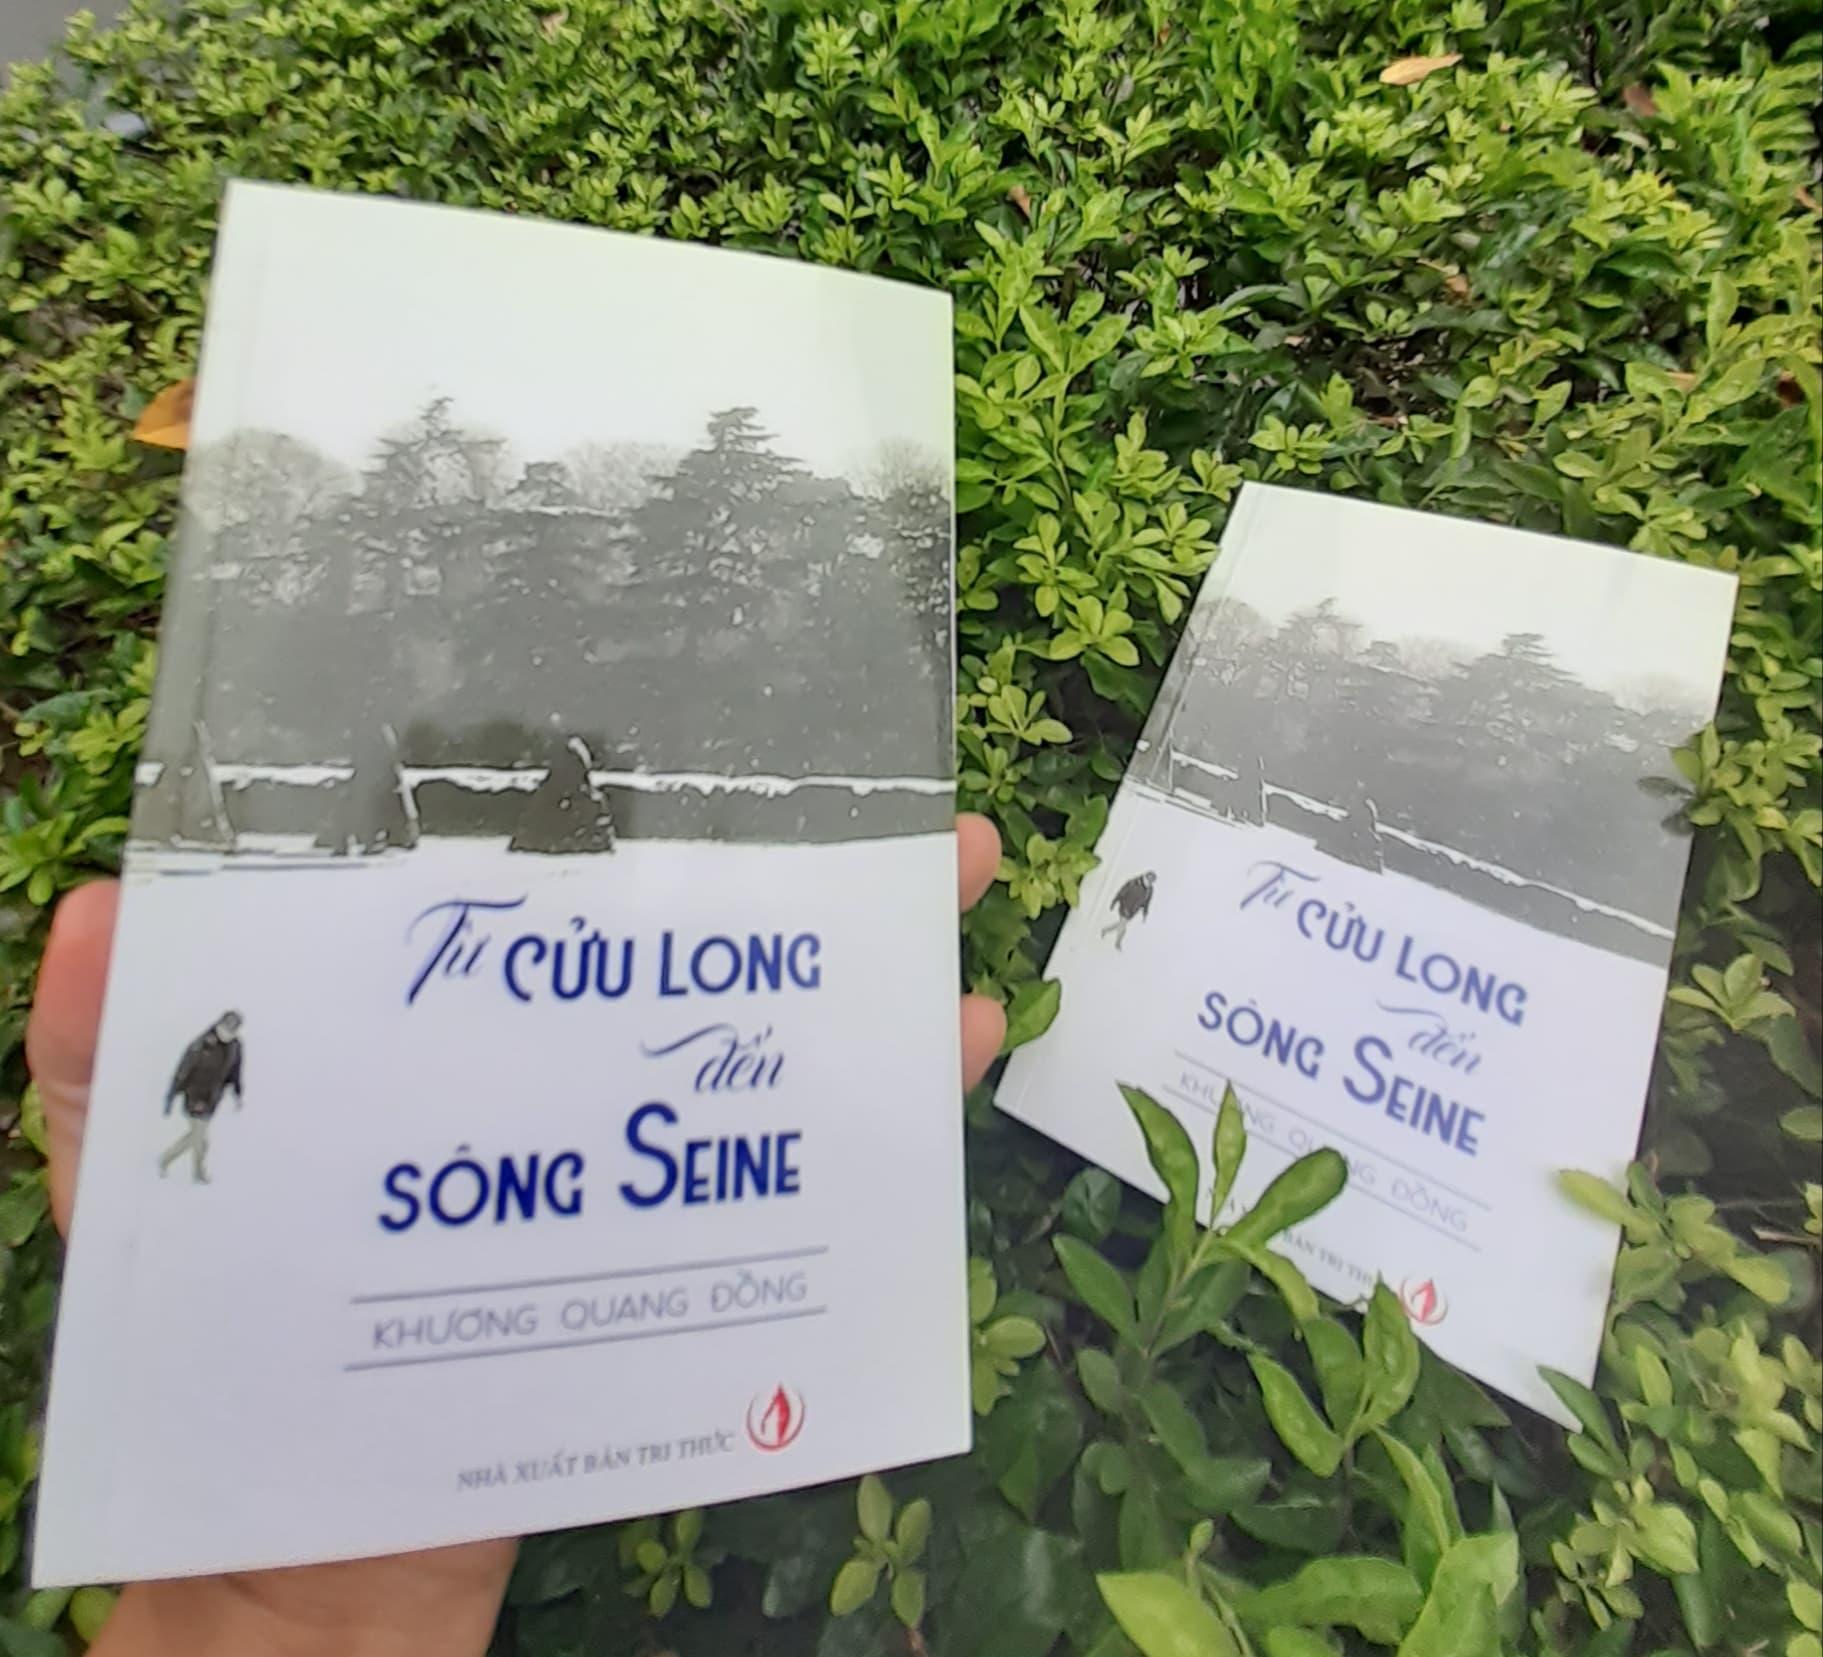 TỪ CỬU LONG ĐẾN SÔNG SEINE